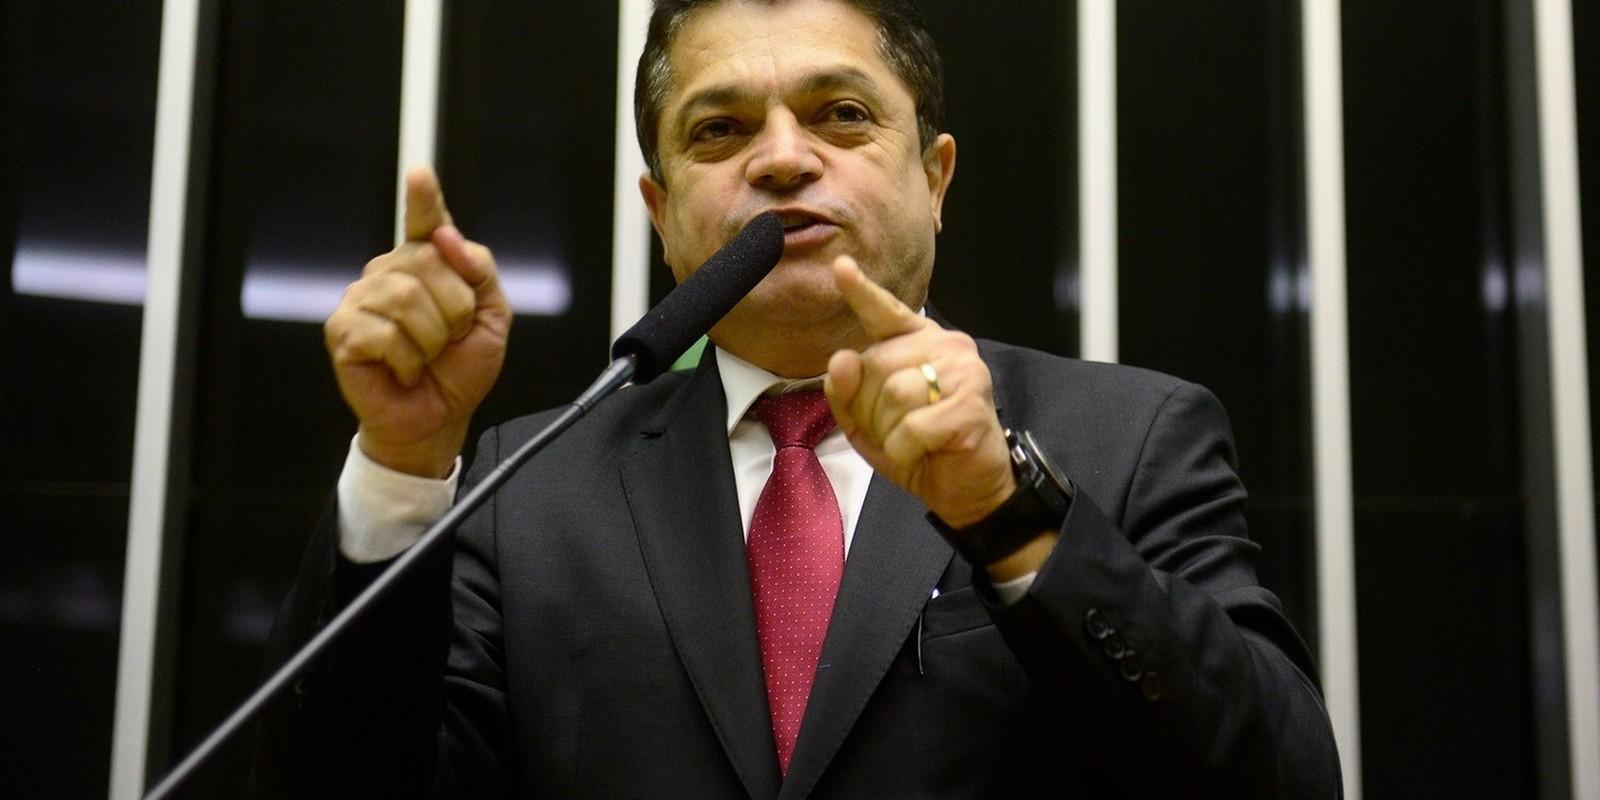 Barroso autoriza deputado preso a trabalhar na Câmara